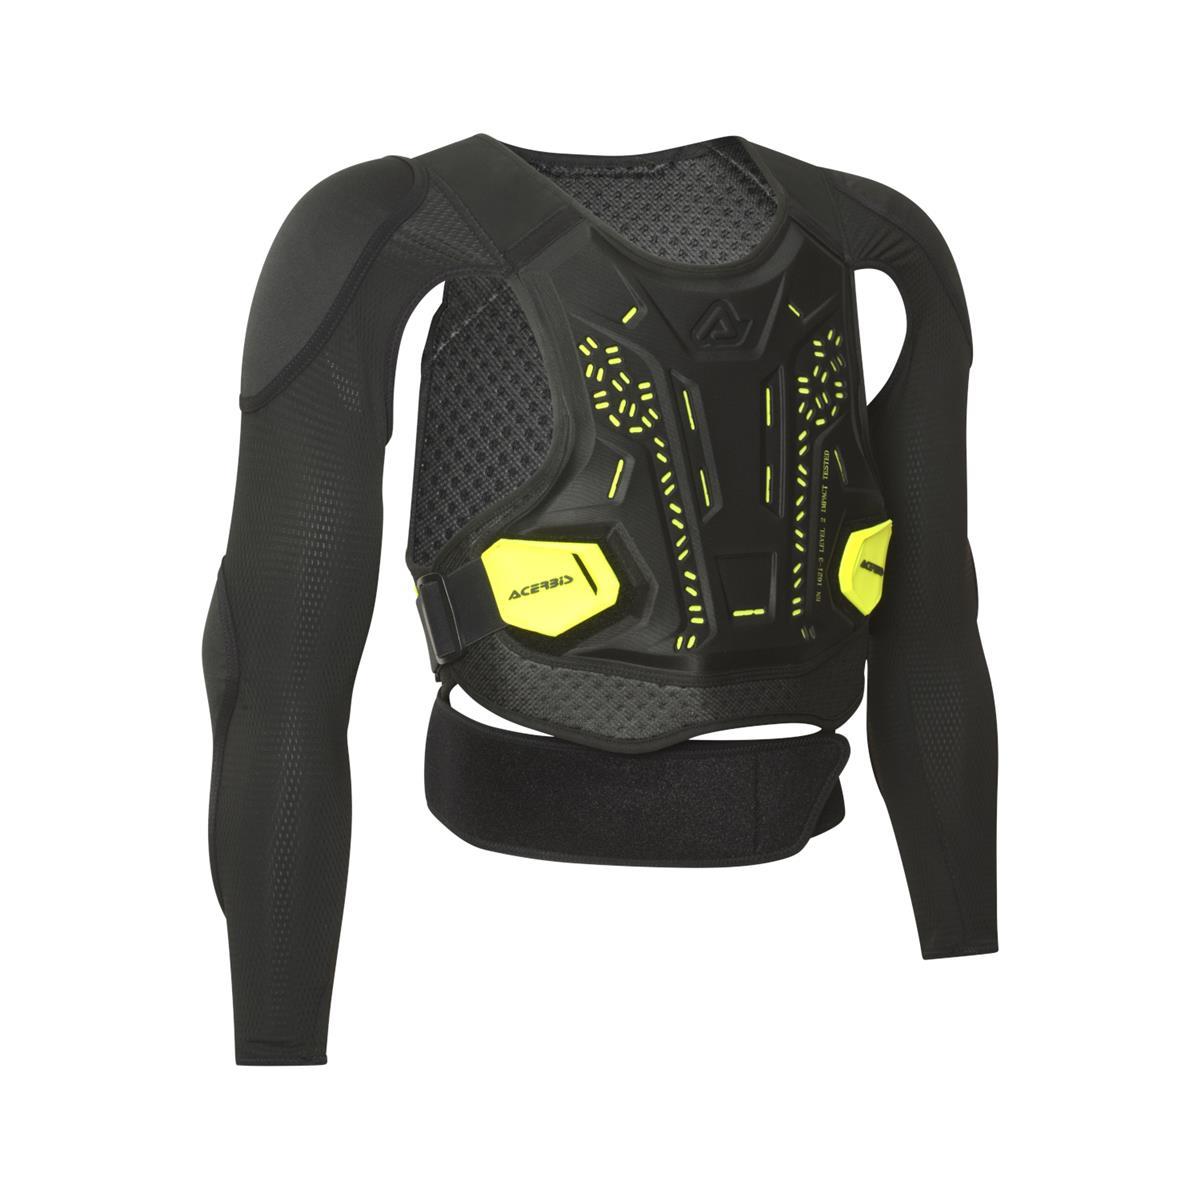 Body Armour Plasma Level 2 Black/Yellow Size S/M